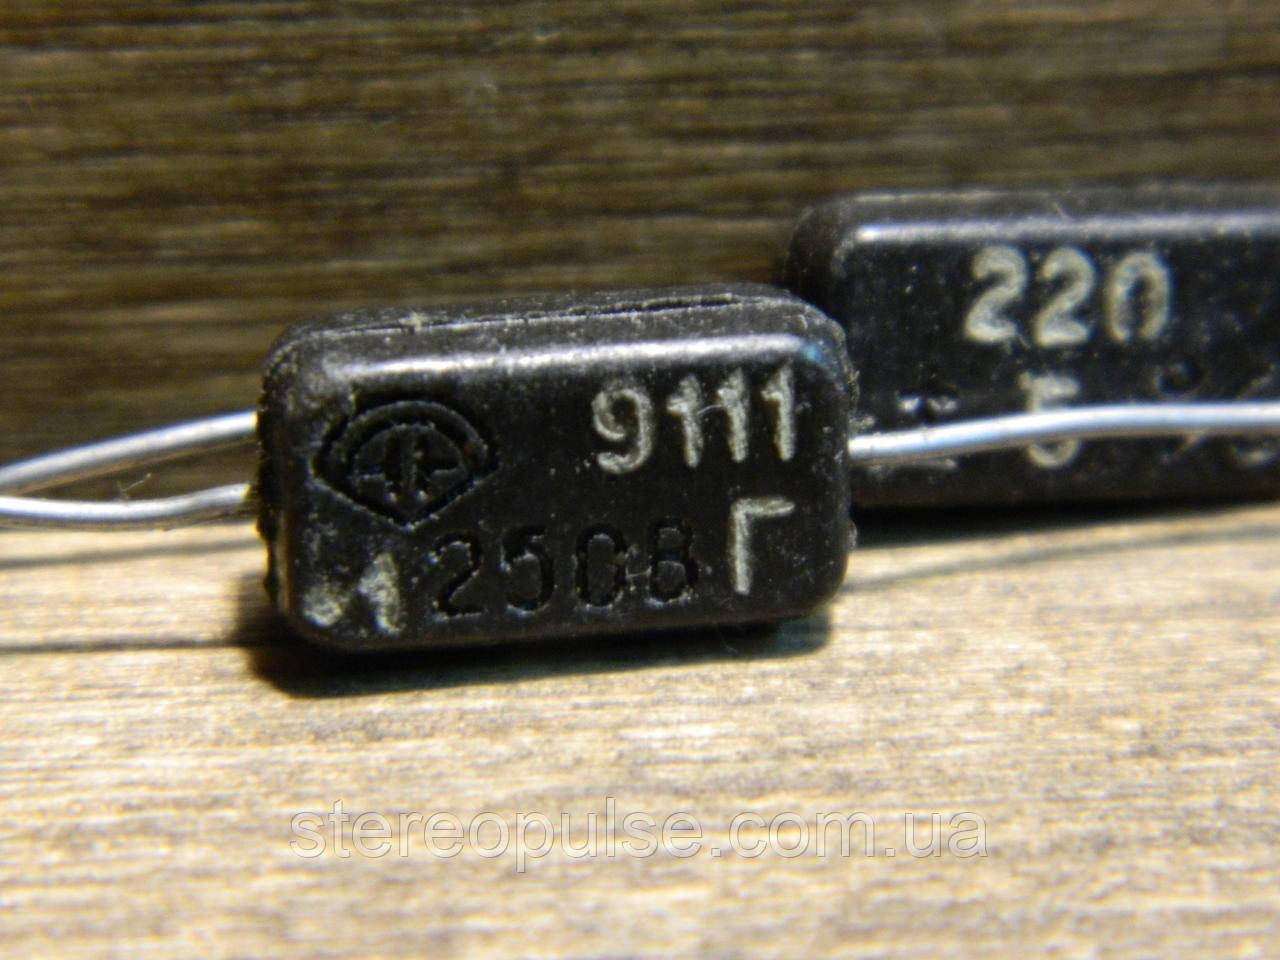 Конденсатор  КСОТ - 1Г  220 пкФ - 250В  5%